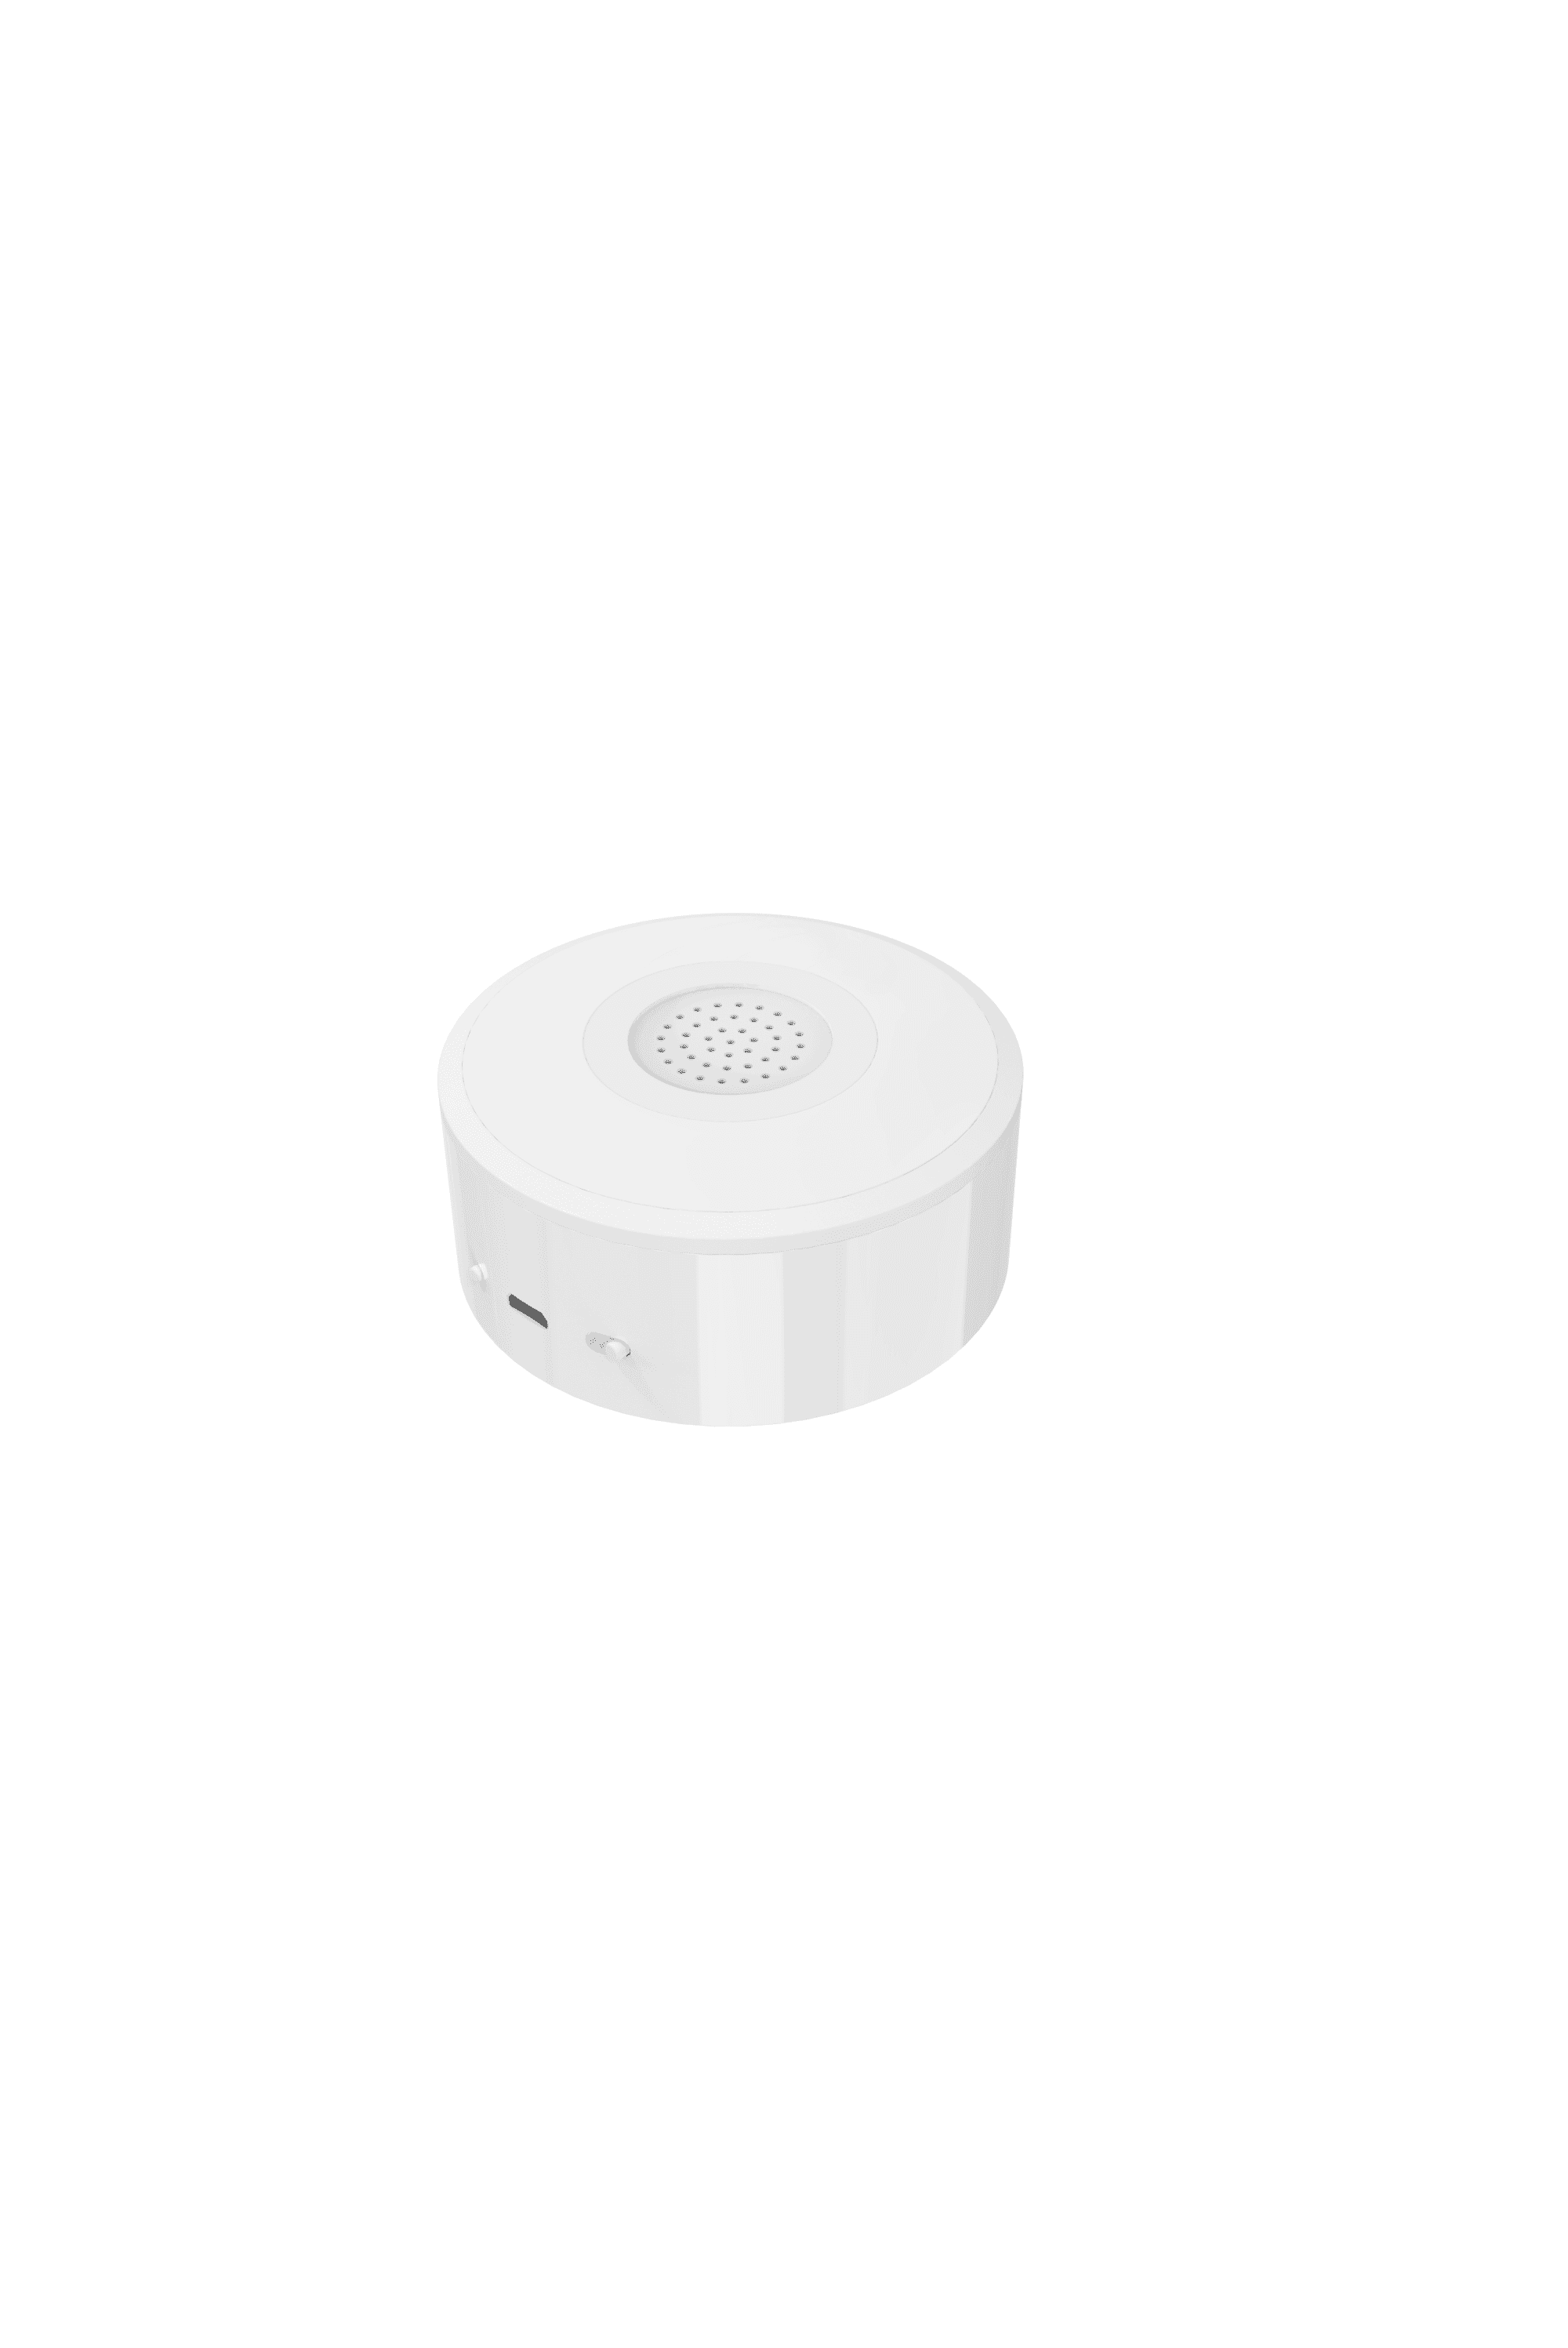 WOOX R7051 ZIGBEE 3.0 Smart Indoor Sirene Alarmmelder APP gesteuert TUYA ALEXA